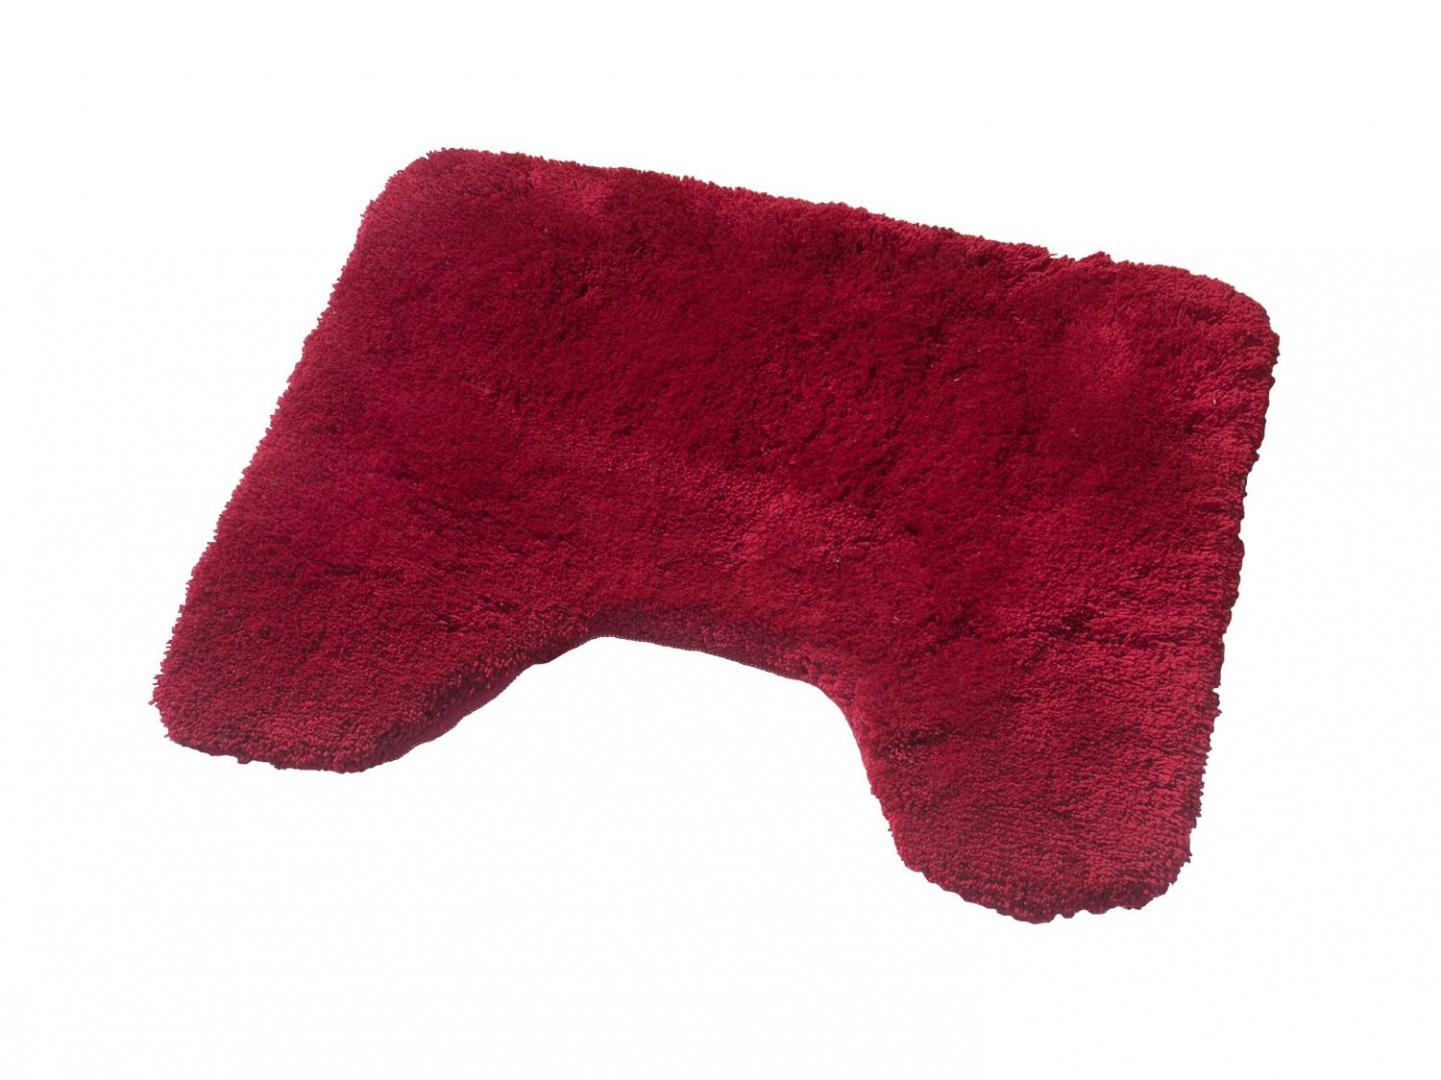 Коврик для ванной комнаты Istanbul красный 50*50